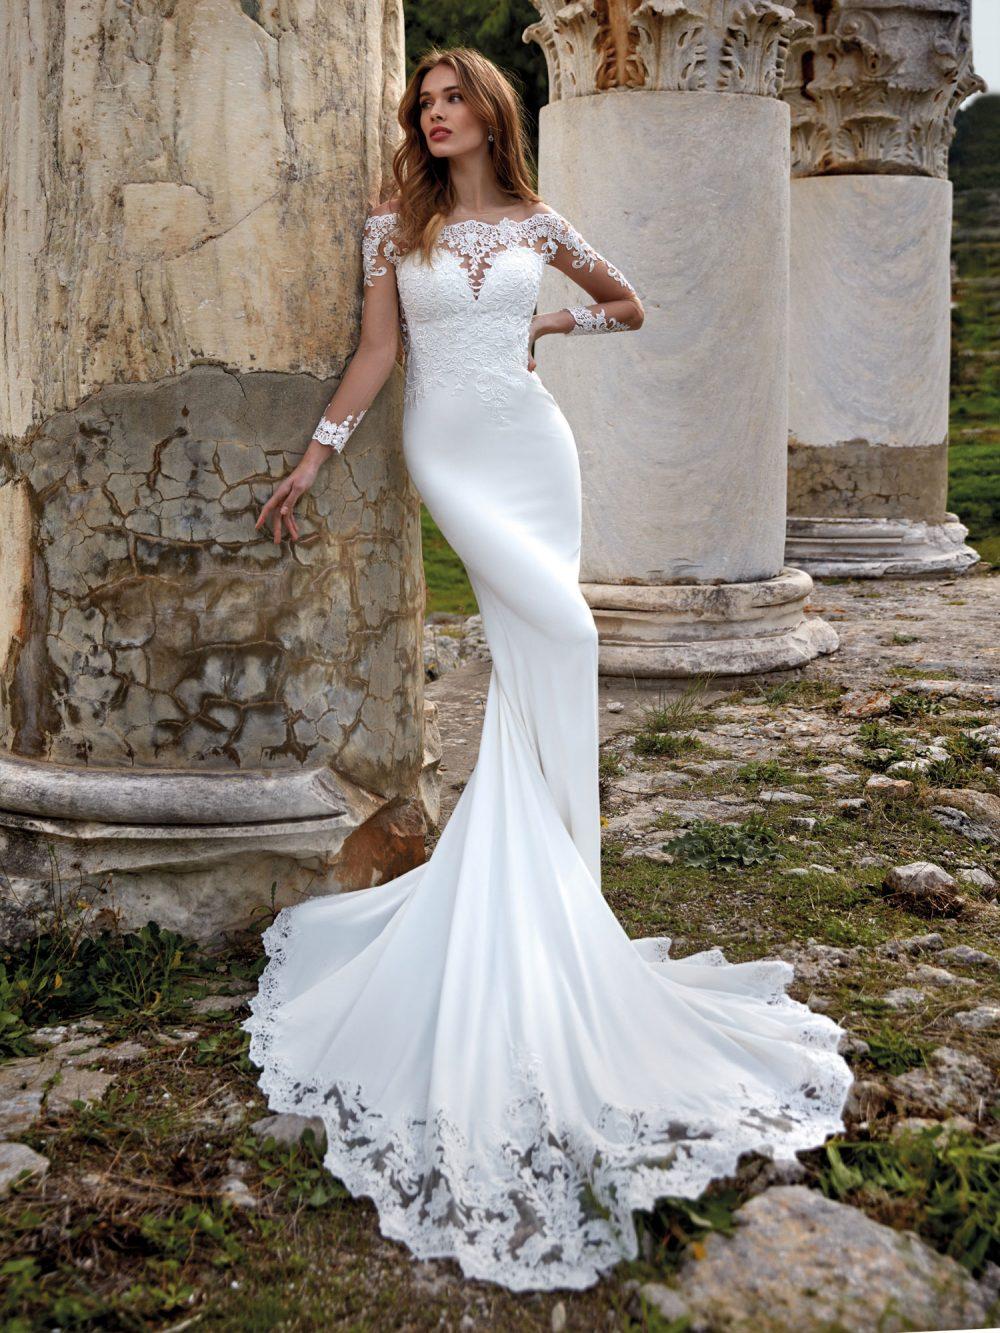 Nicole 2022 abito vestito sposa Vicenza DEKLA